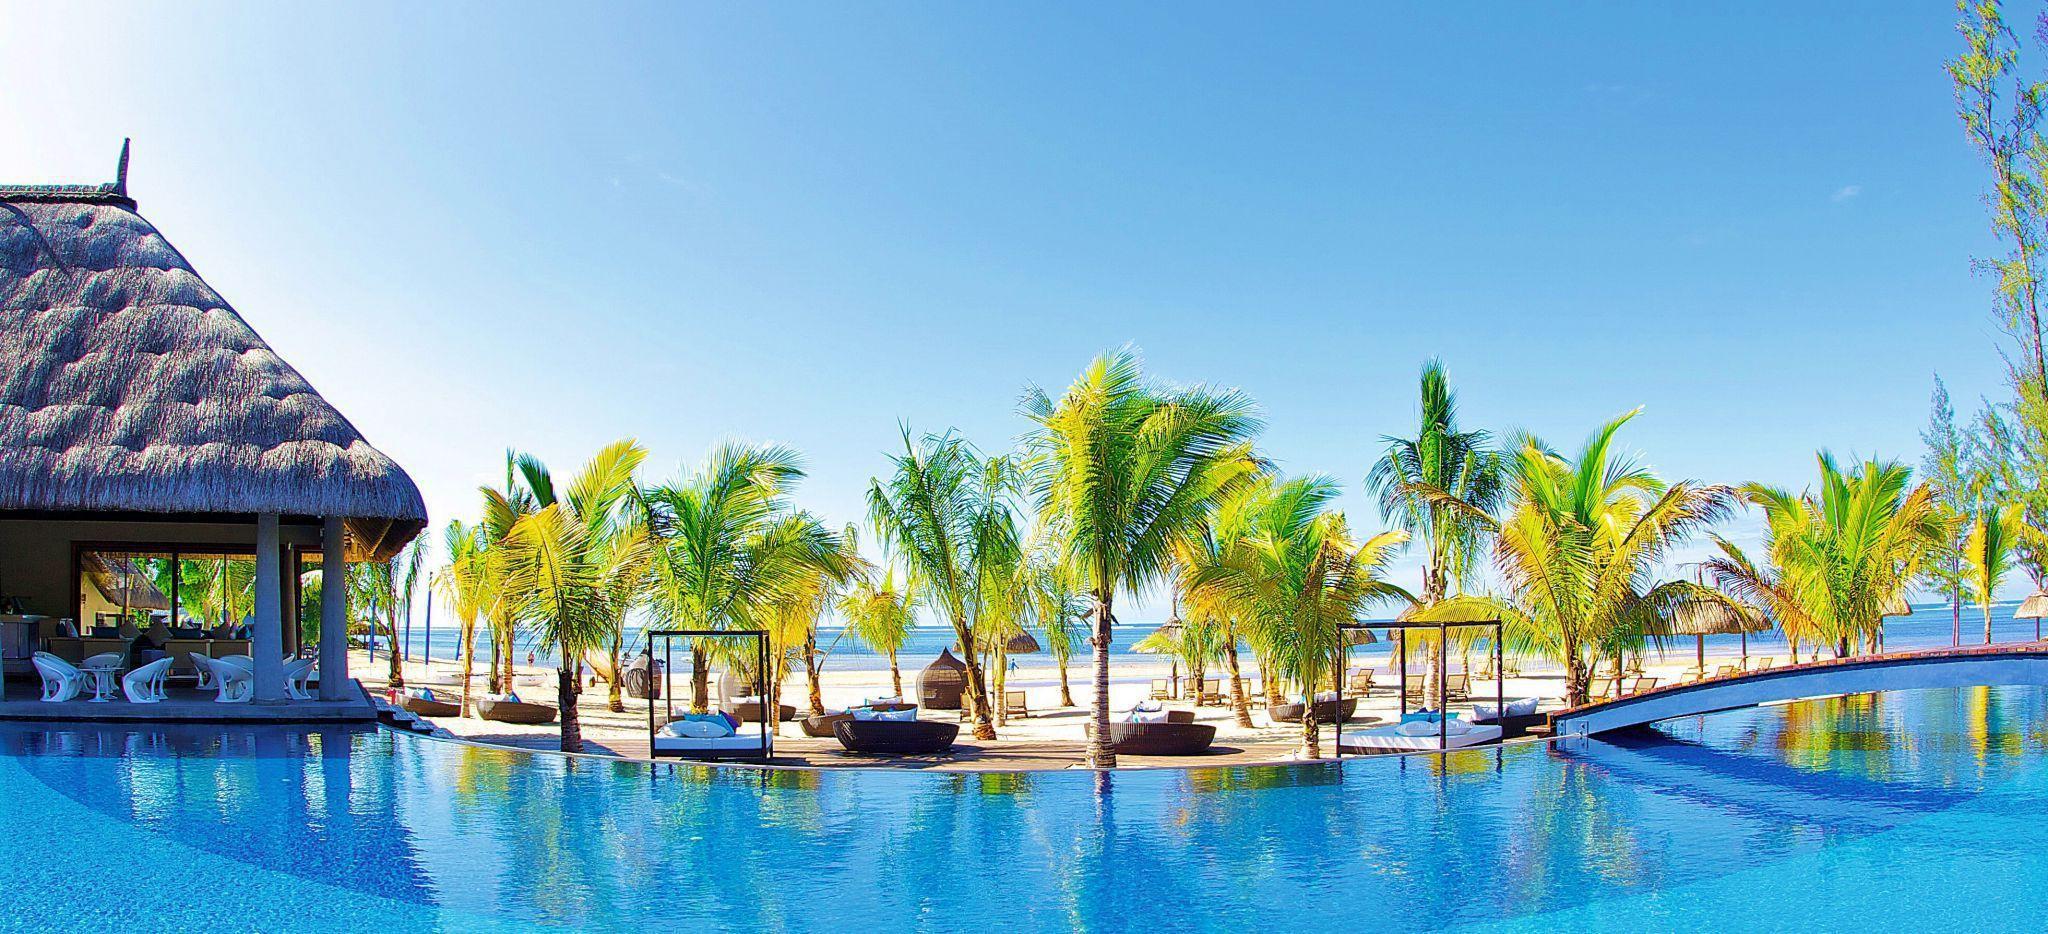 Ein Pool mit dekorativen Palmen und dem Strand und Meer direkt dahinter